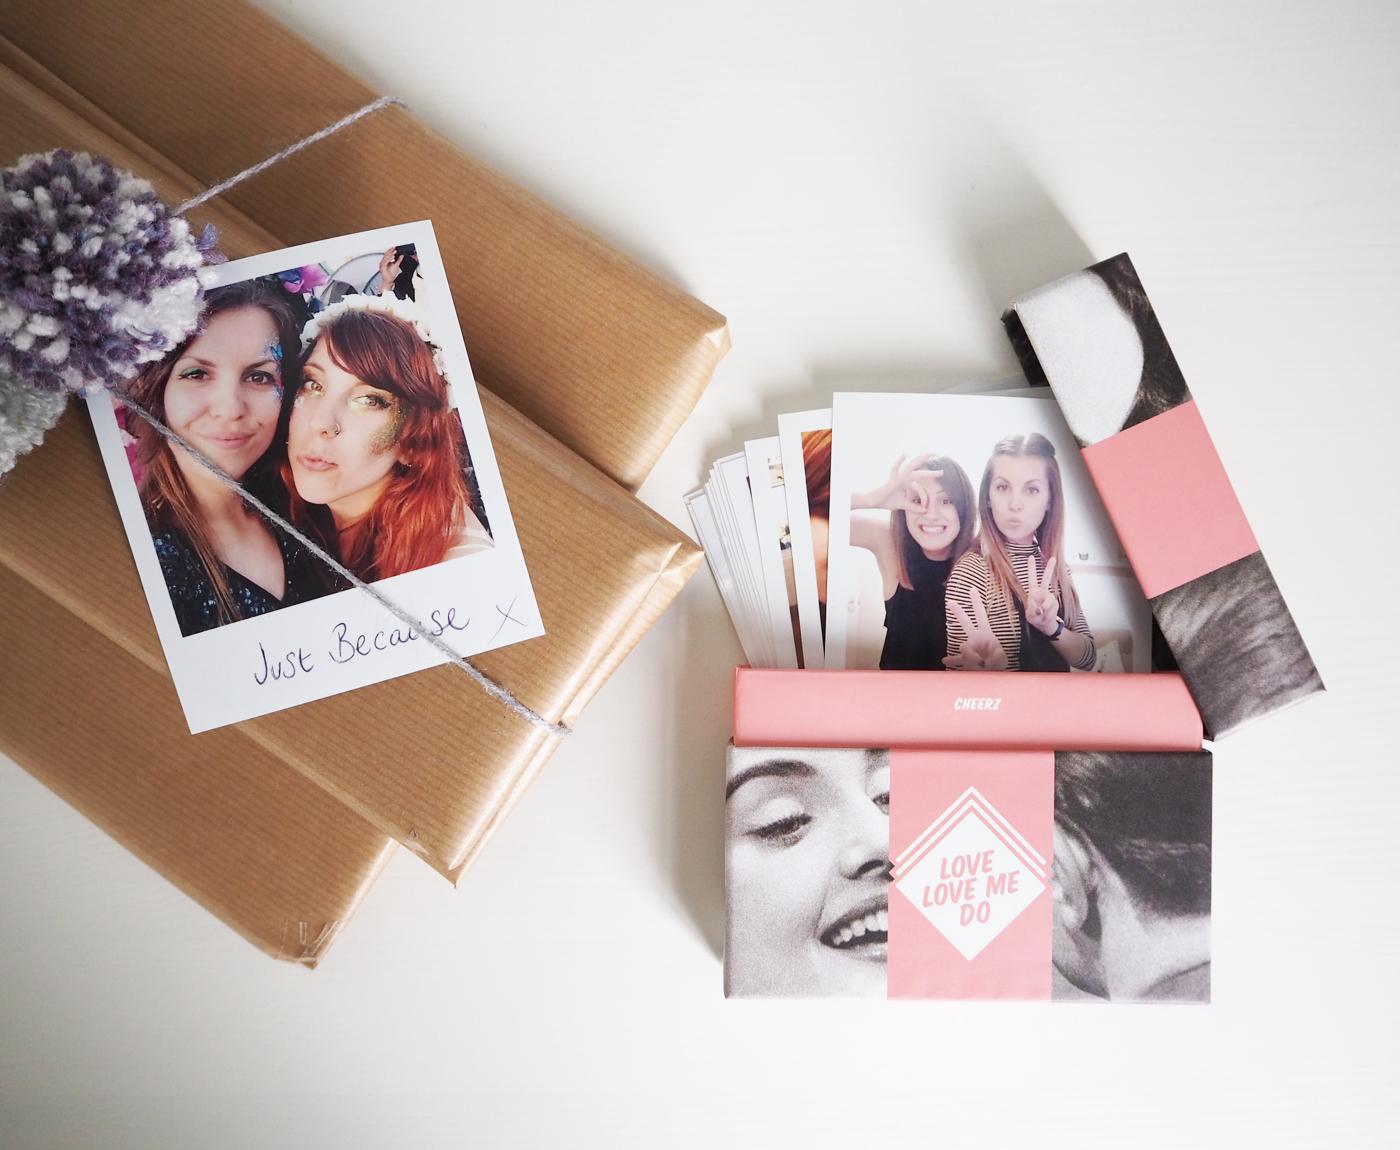 Valentines gift idea from Cheerz